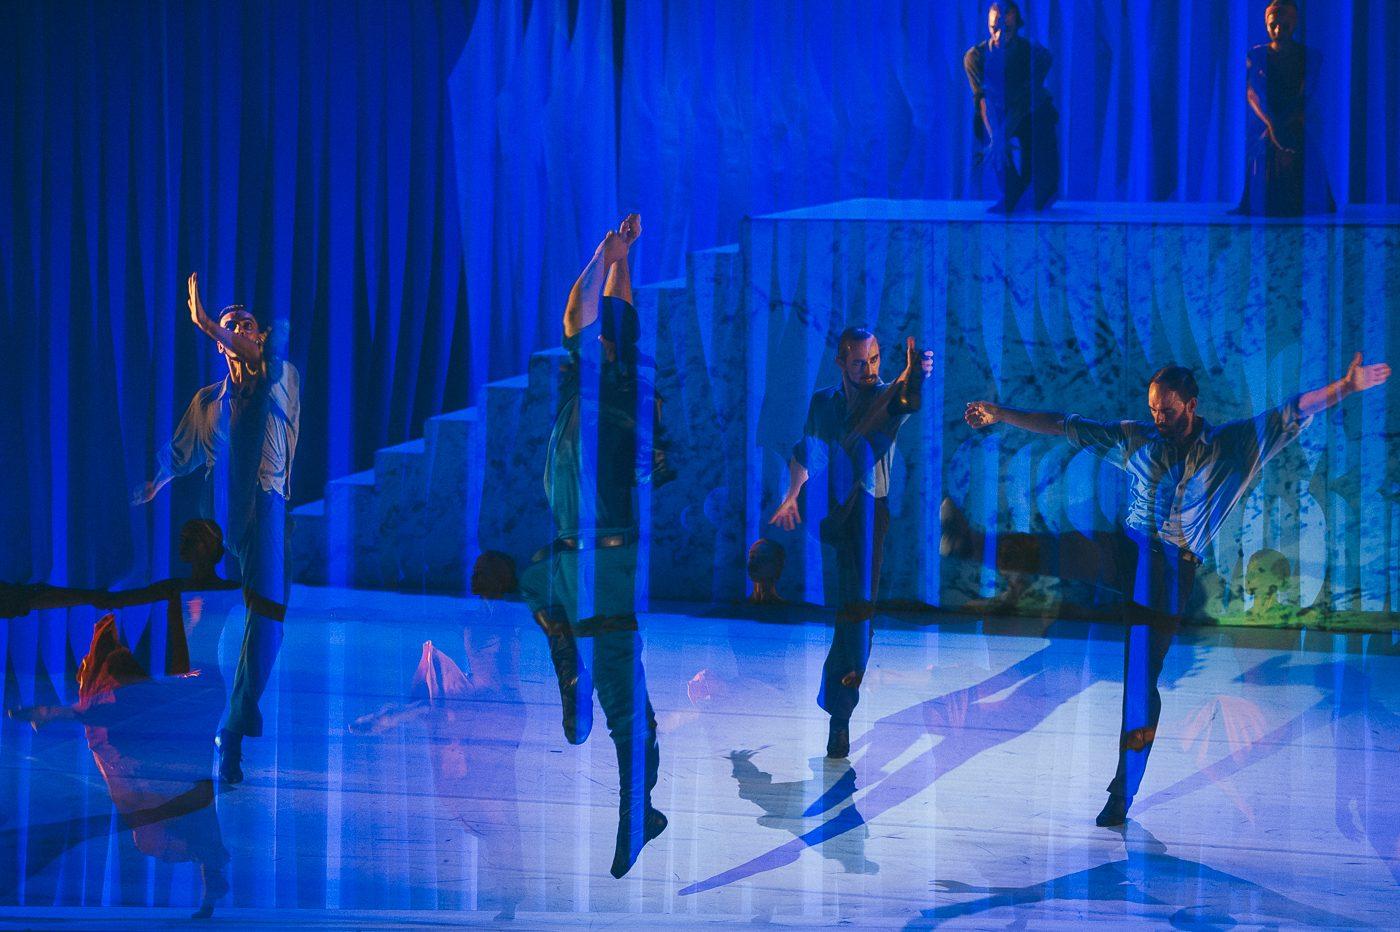 Premjera Zorba Muzikinis Teatras E.sabaliauskaite 017